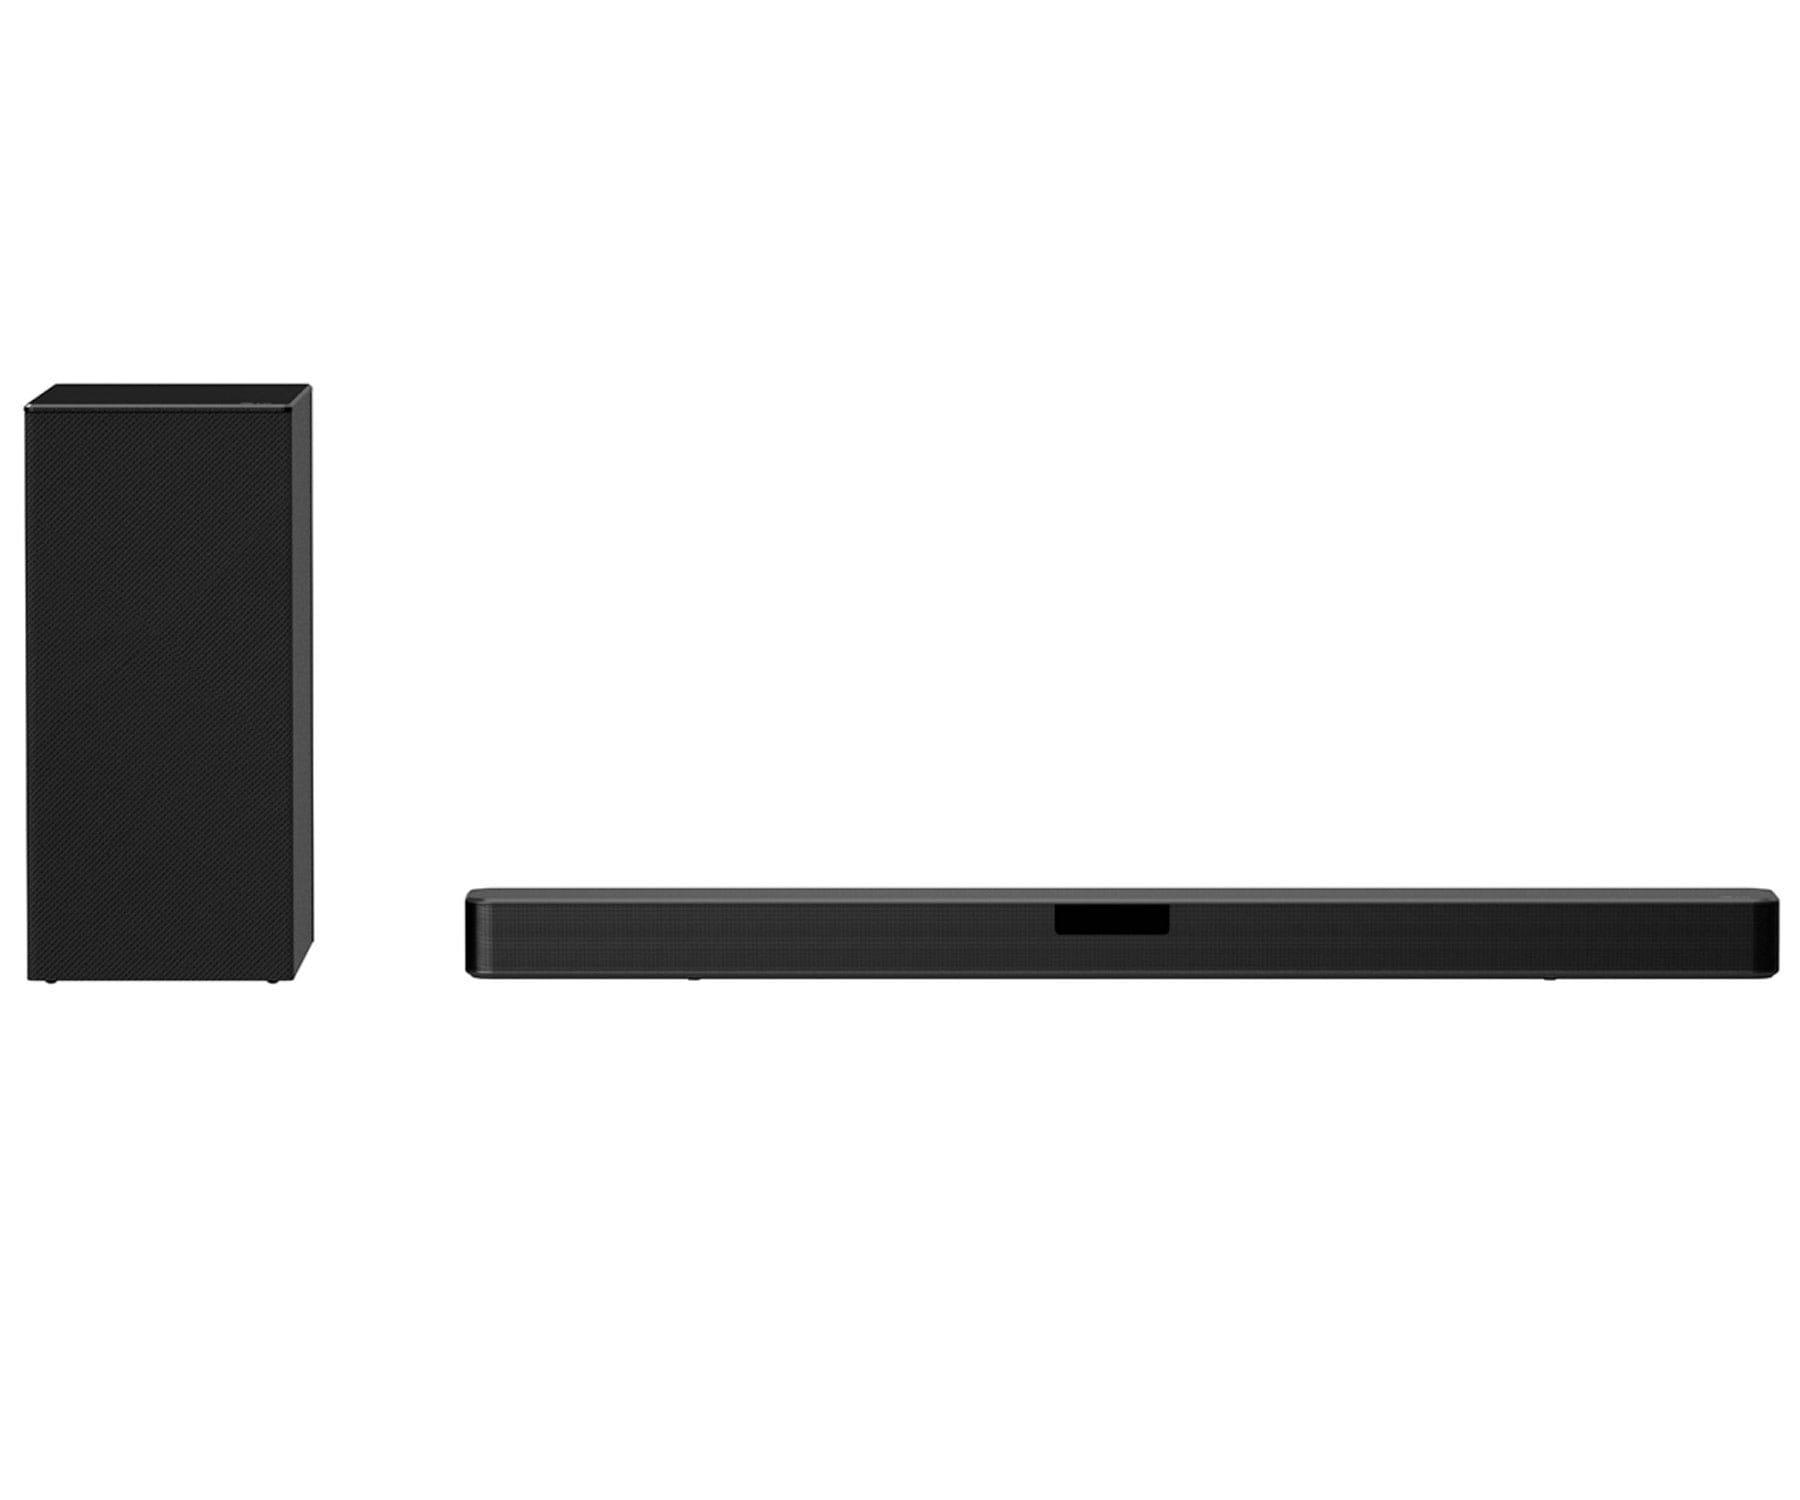 LG SN5Y BARRA DE SONIDO 400W 2.1 MERIDIAN DTS VIRTUAL:X HI-RES BLUETOOTH HDMI USB CON SUBWOOFER INALÁMBRICO